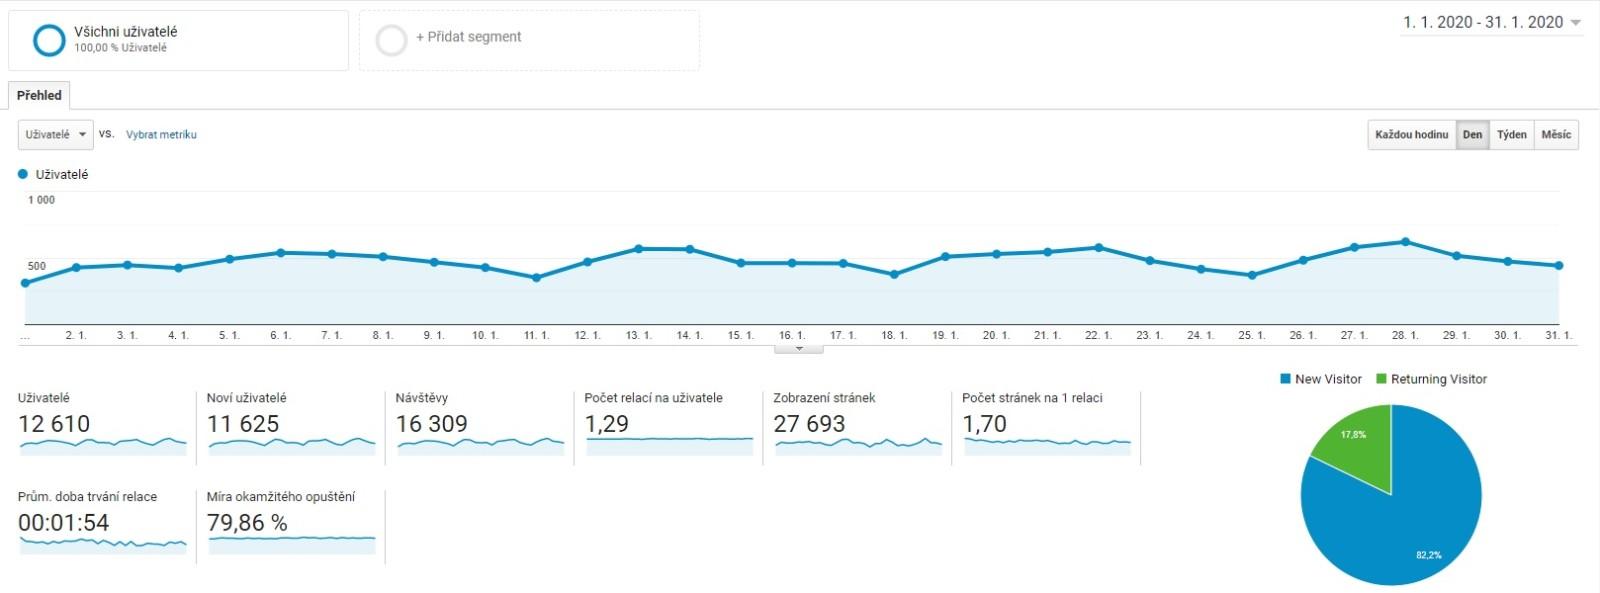 Statistika návštěvnosti blogu za leden 2020